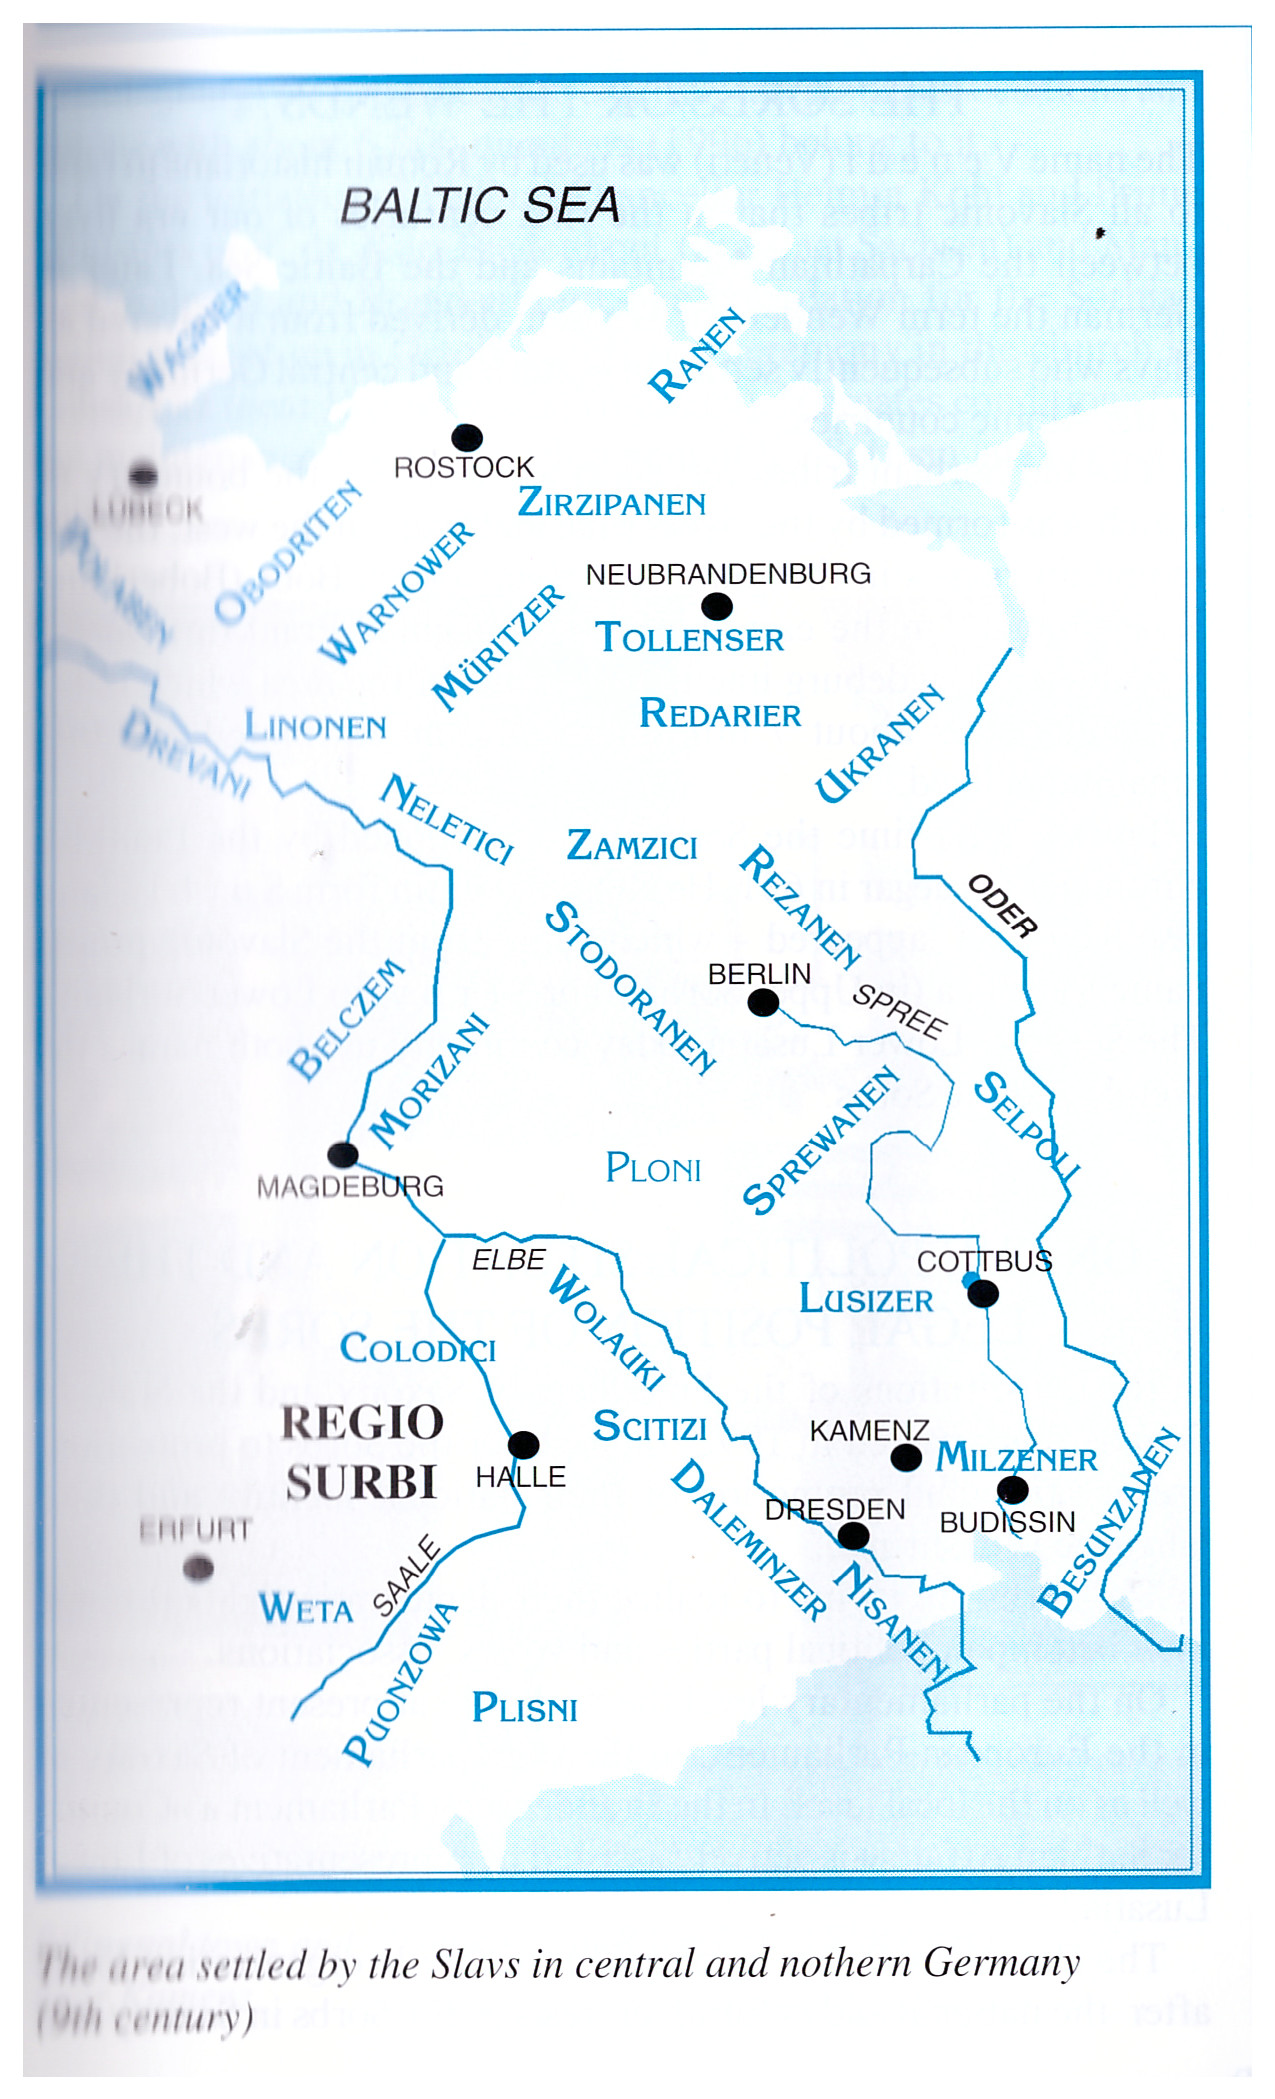 Oblast koju su nastanjivali Sloveni u centralnoj i severnoj Nemačkoj u 19. veku